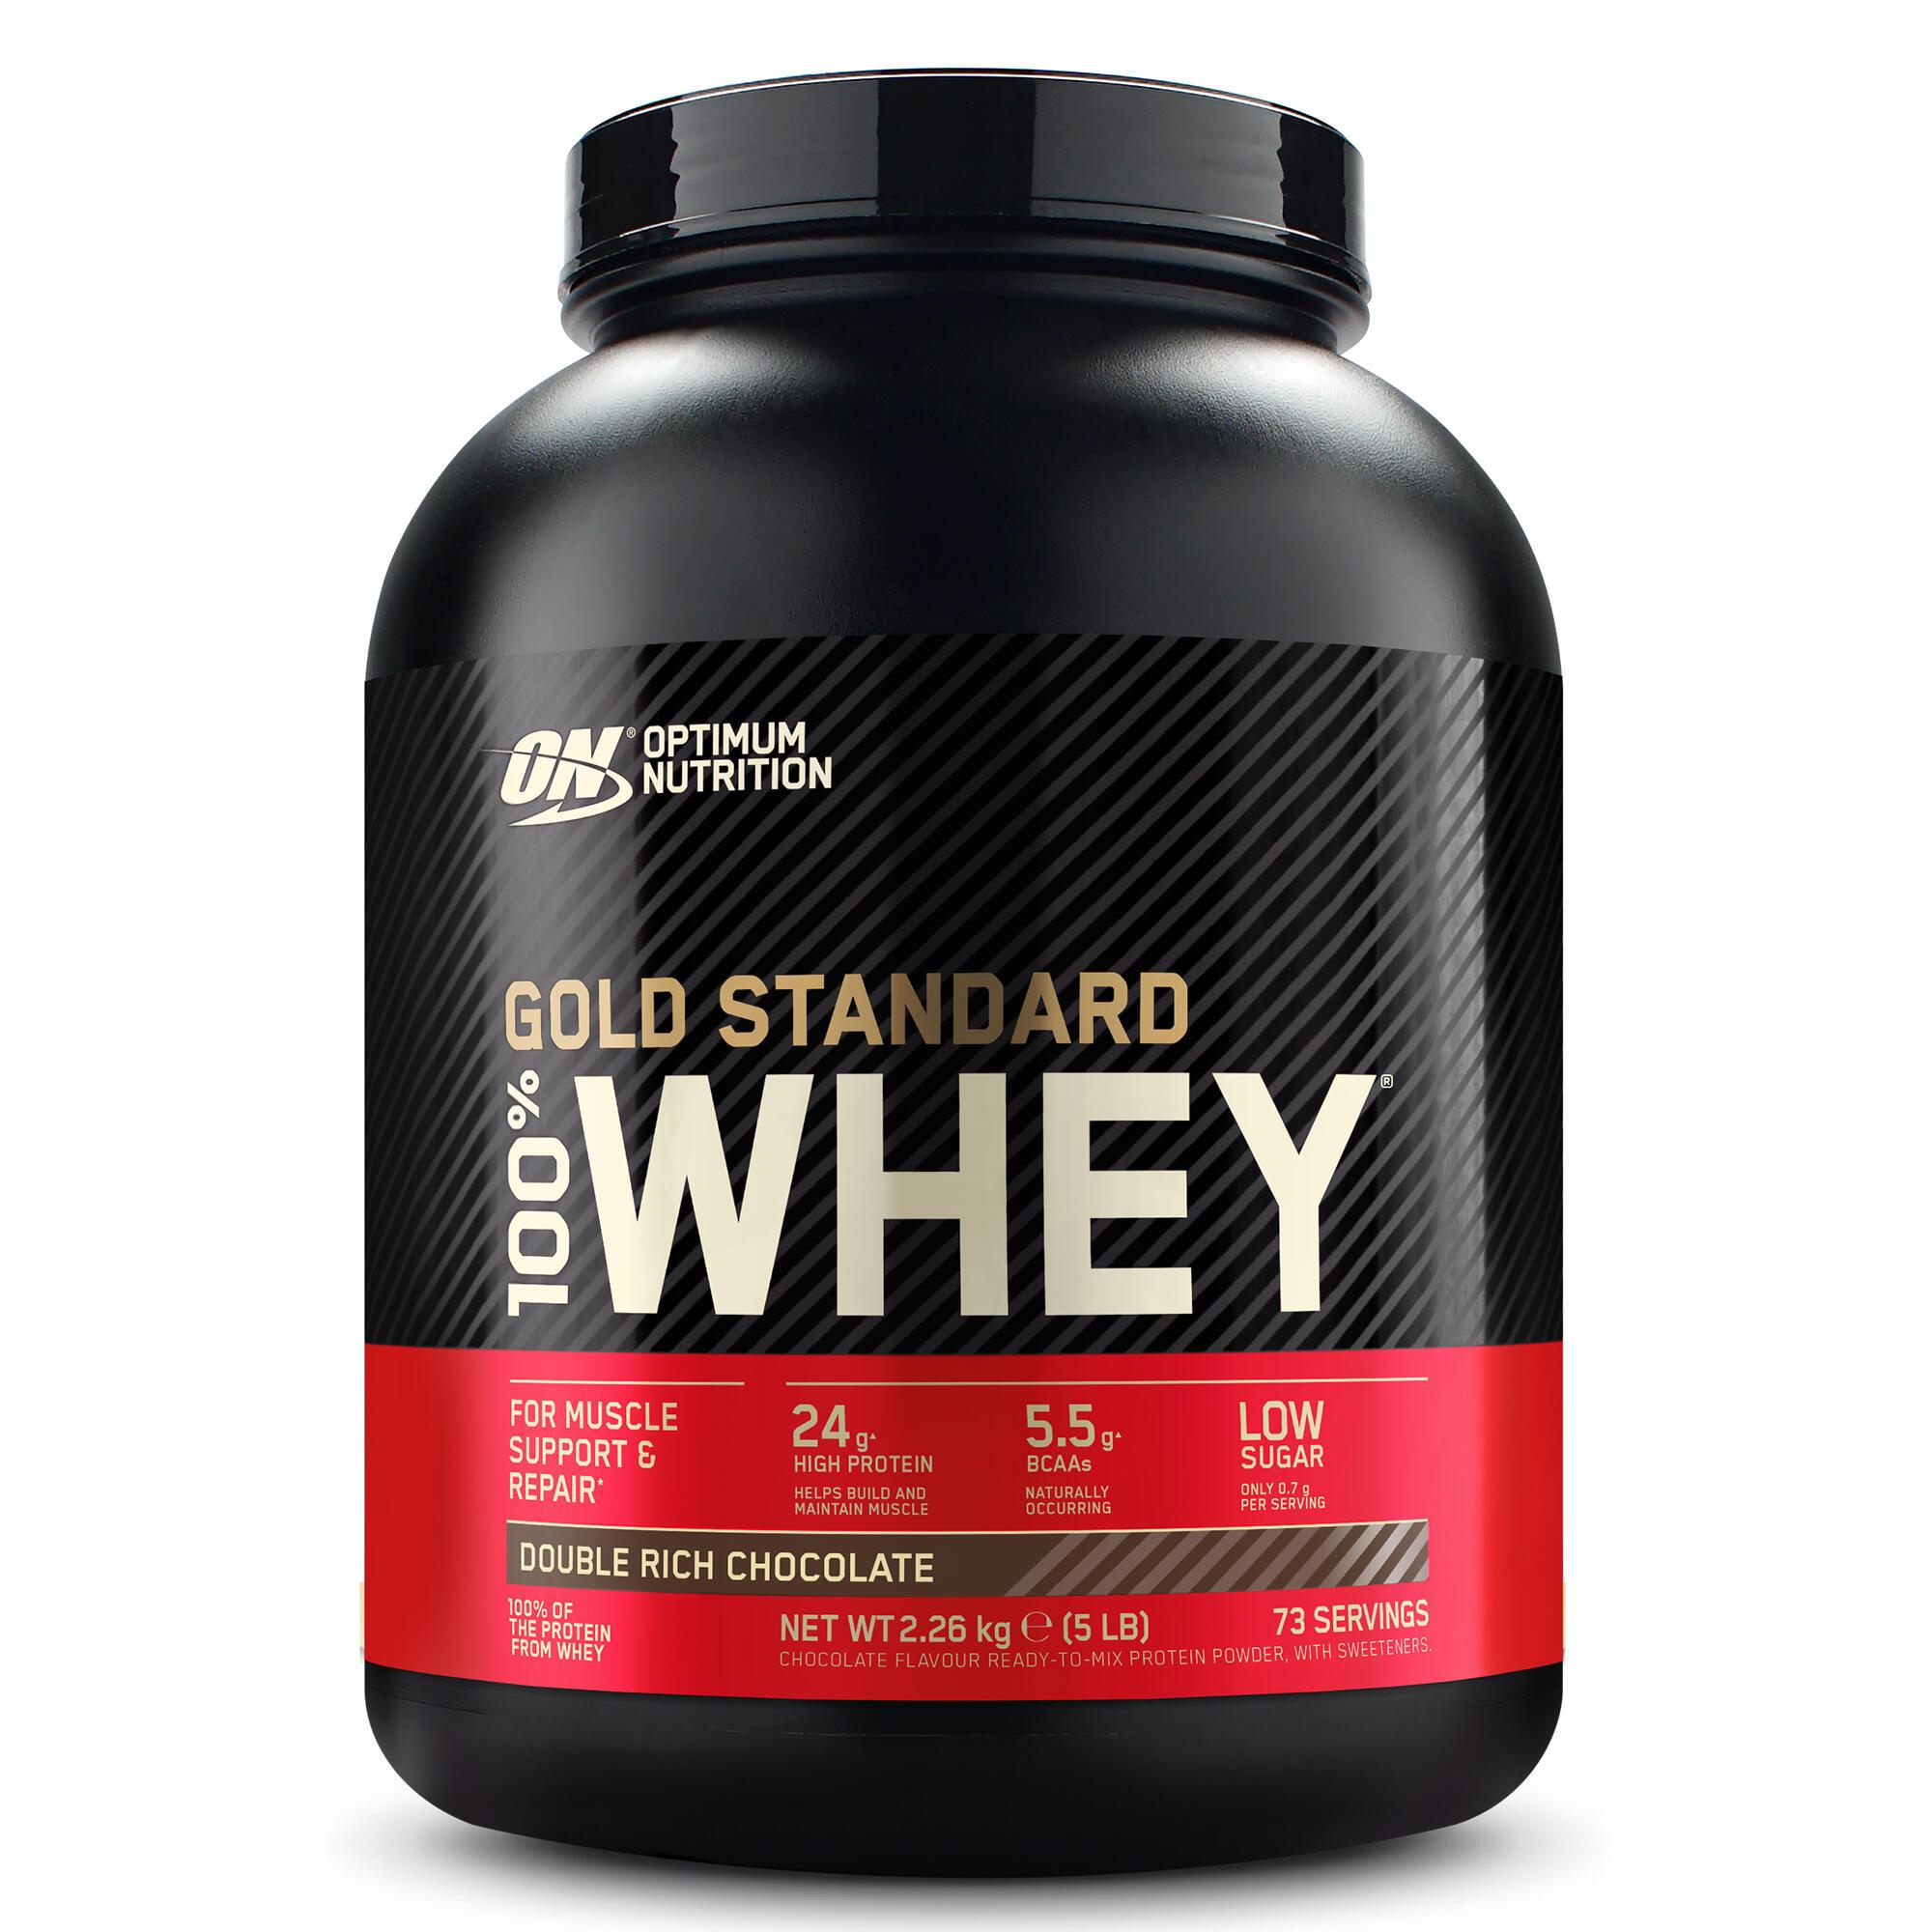 Proteine Whey Gold Standard imagine